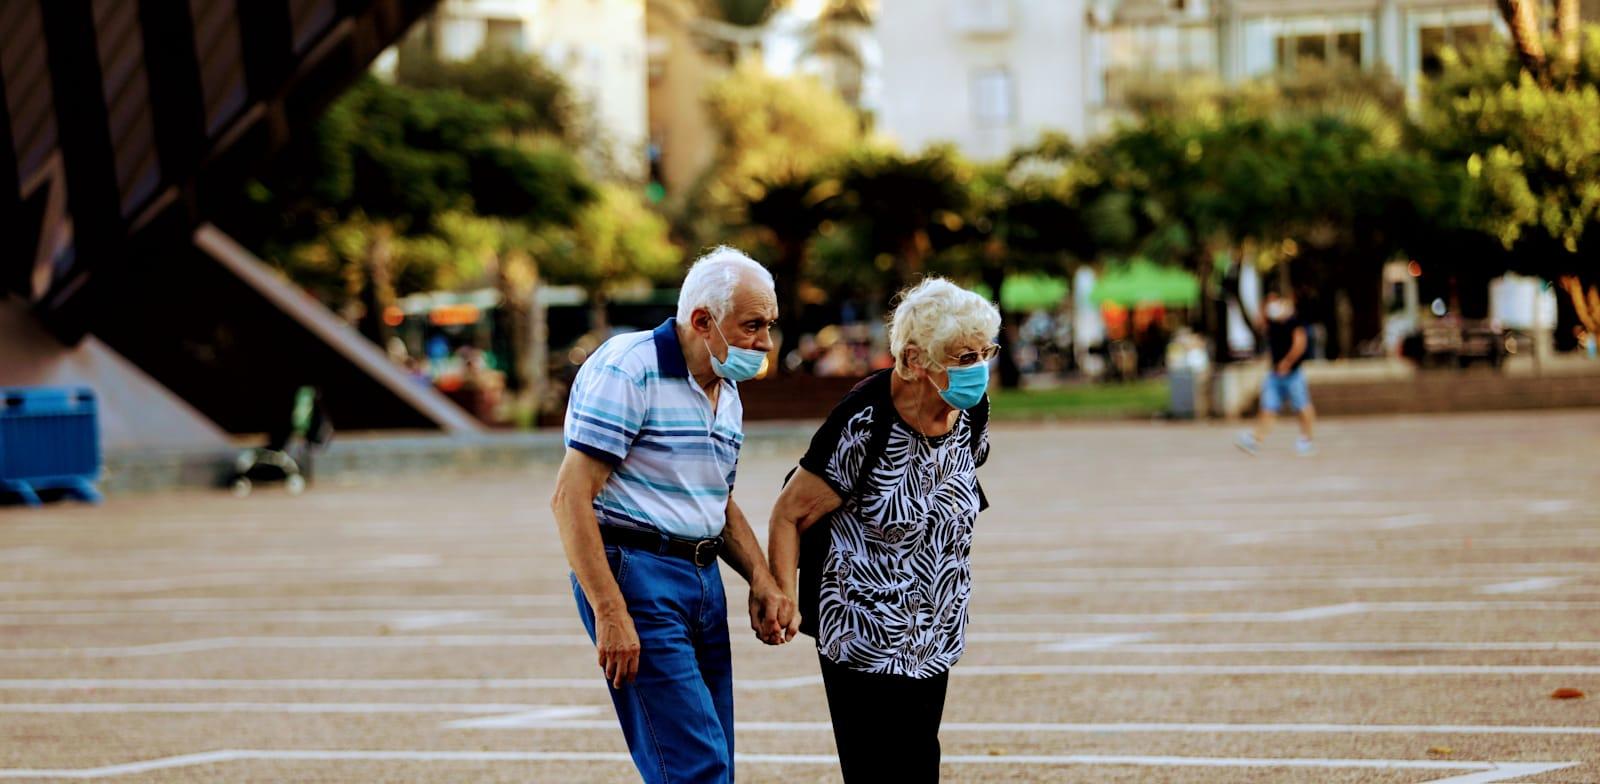 זוג קשישים הולכים בזמן קורונה עם מסכה / צילום: שלומי יוסף